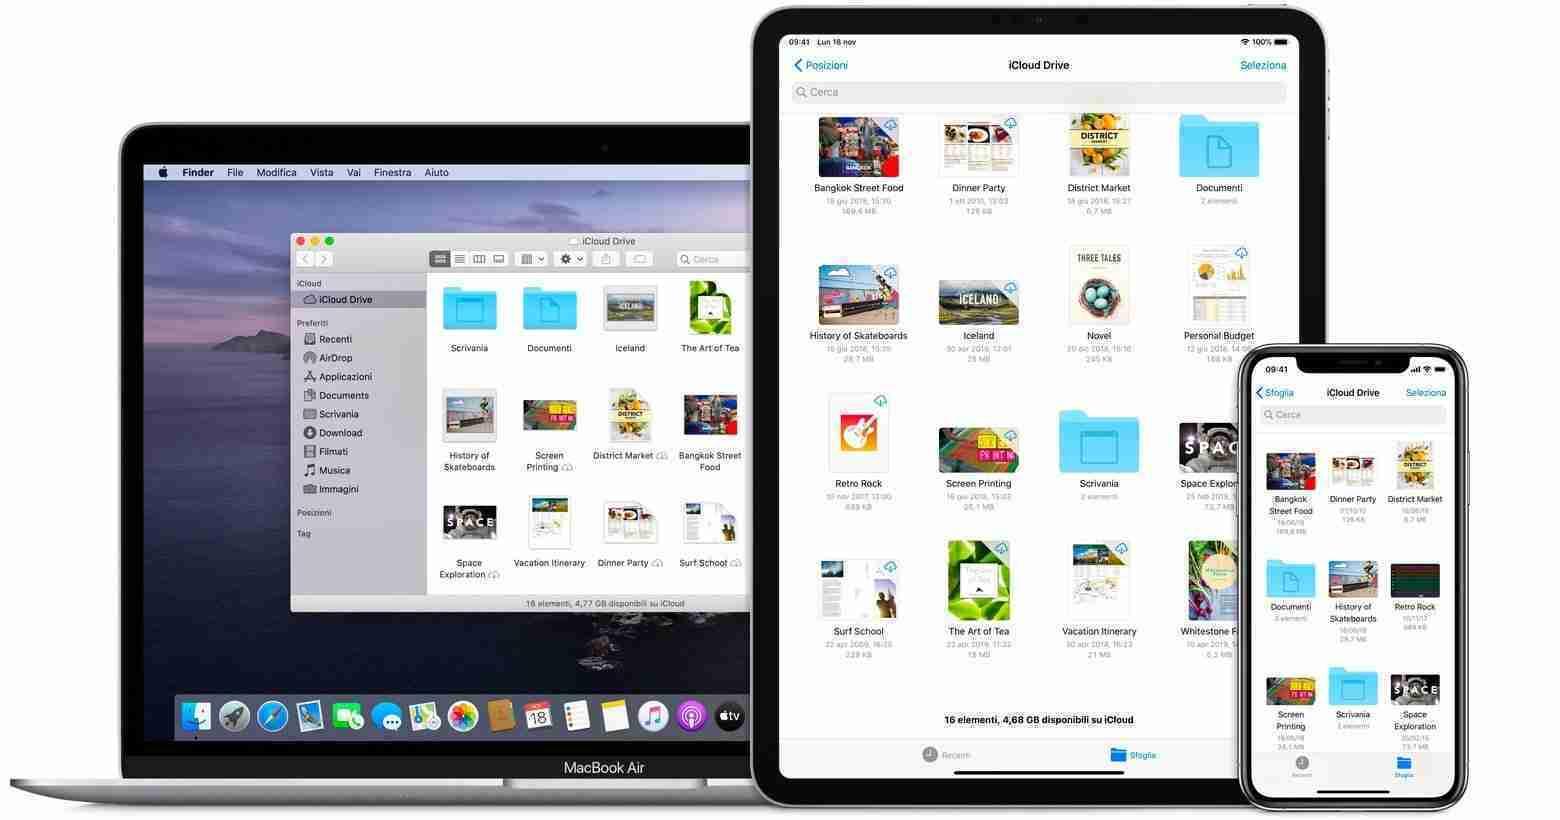 Come attivare iCloud Drive su iOS